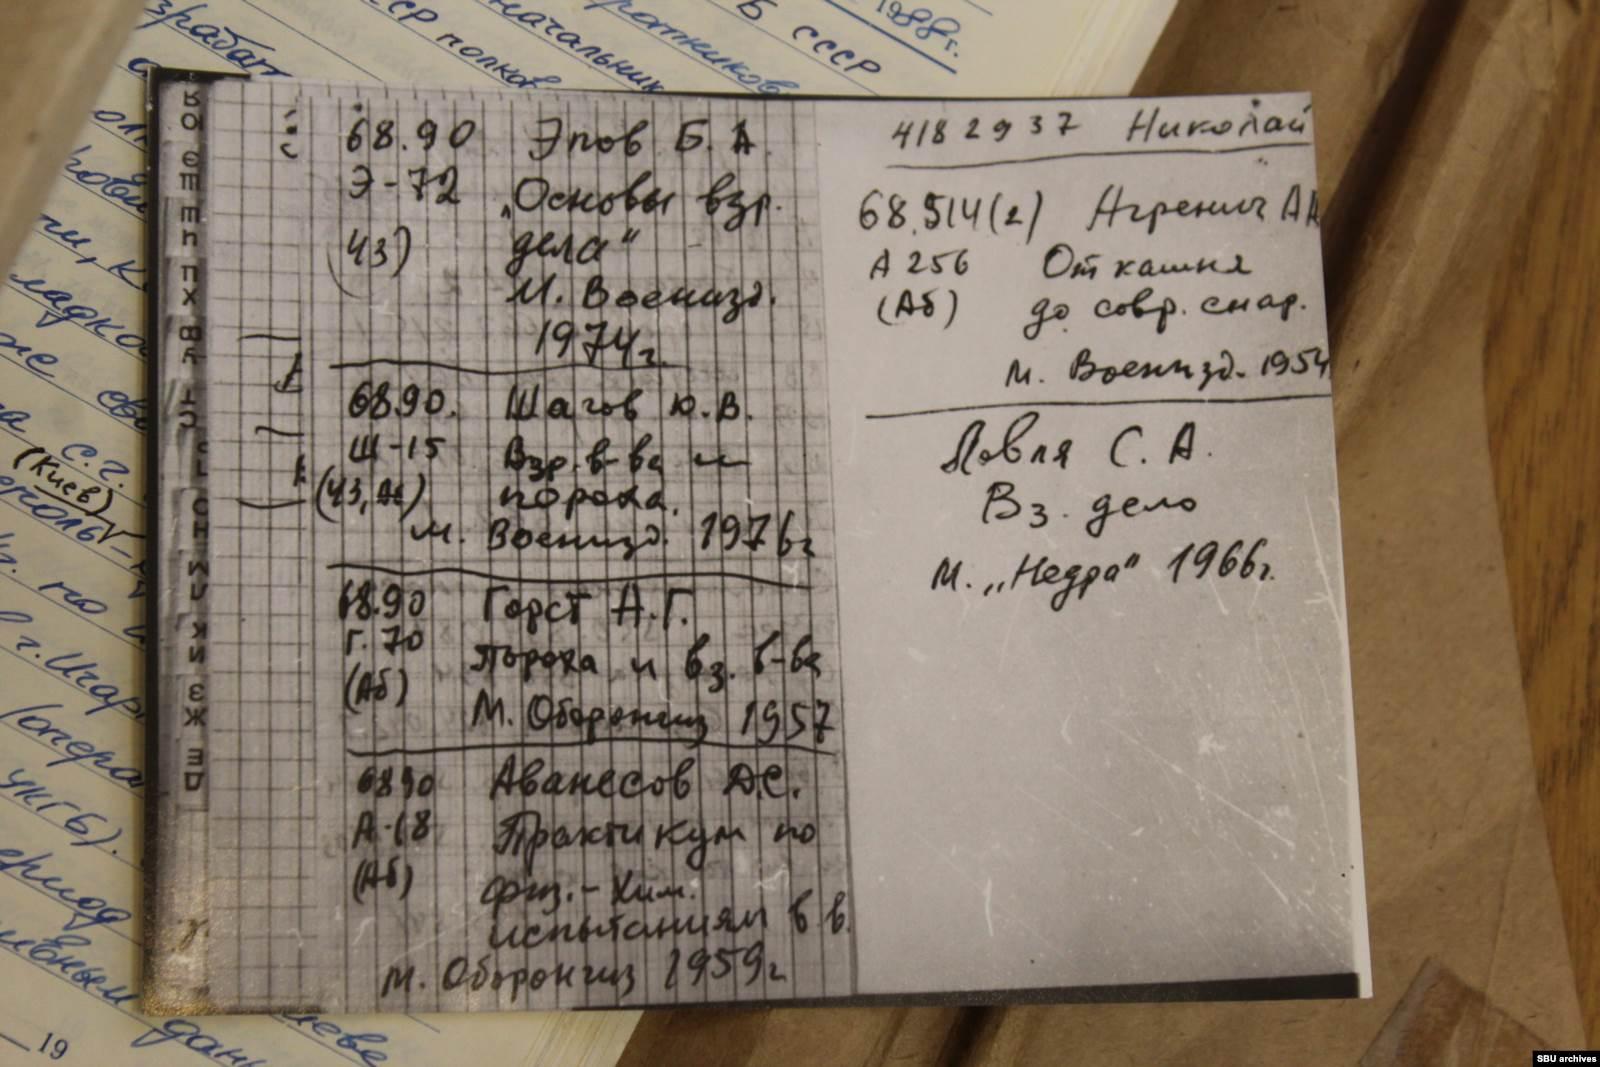 Выписки Василия Гриба со списком литературы из материалов дела КГБ